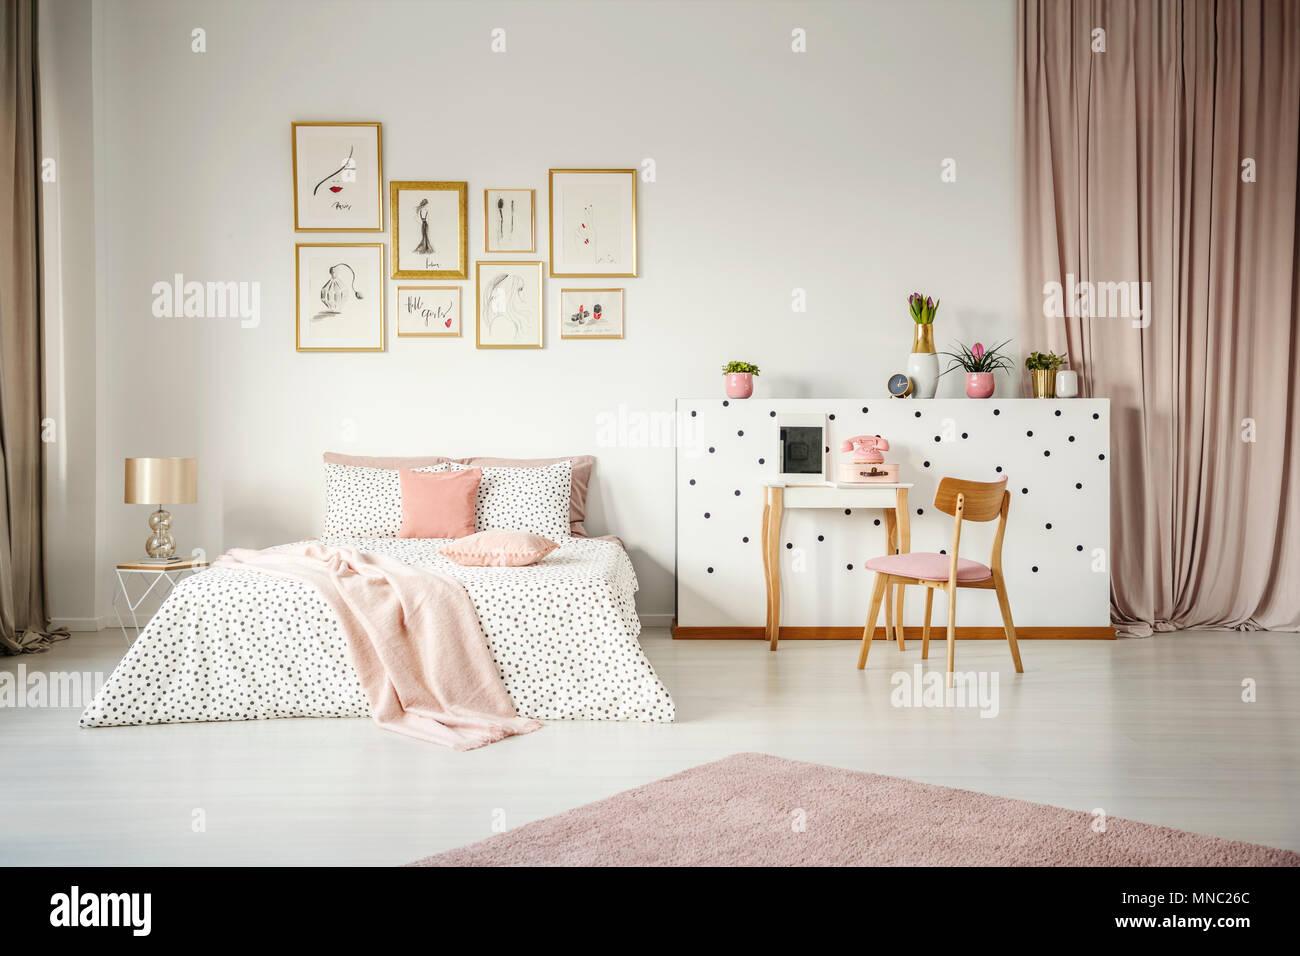 Sedia in legno a tavolino in rosa pastello interno camera da letto